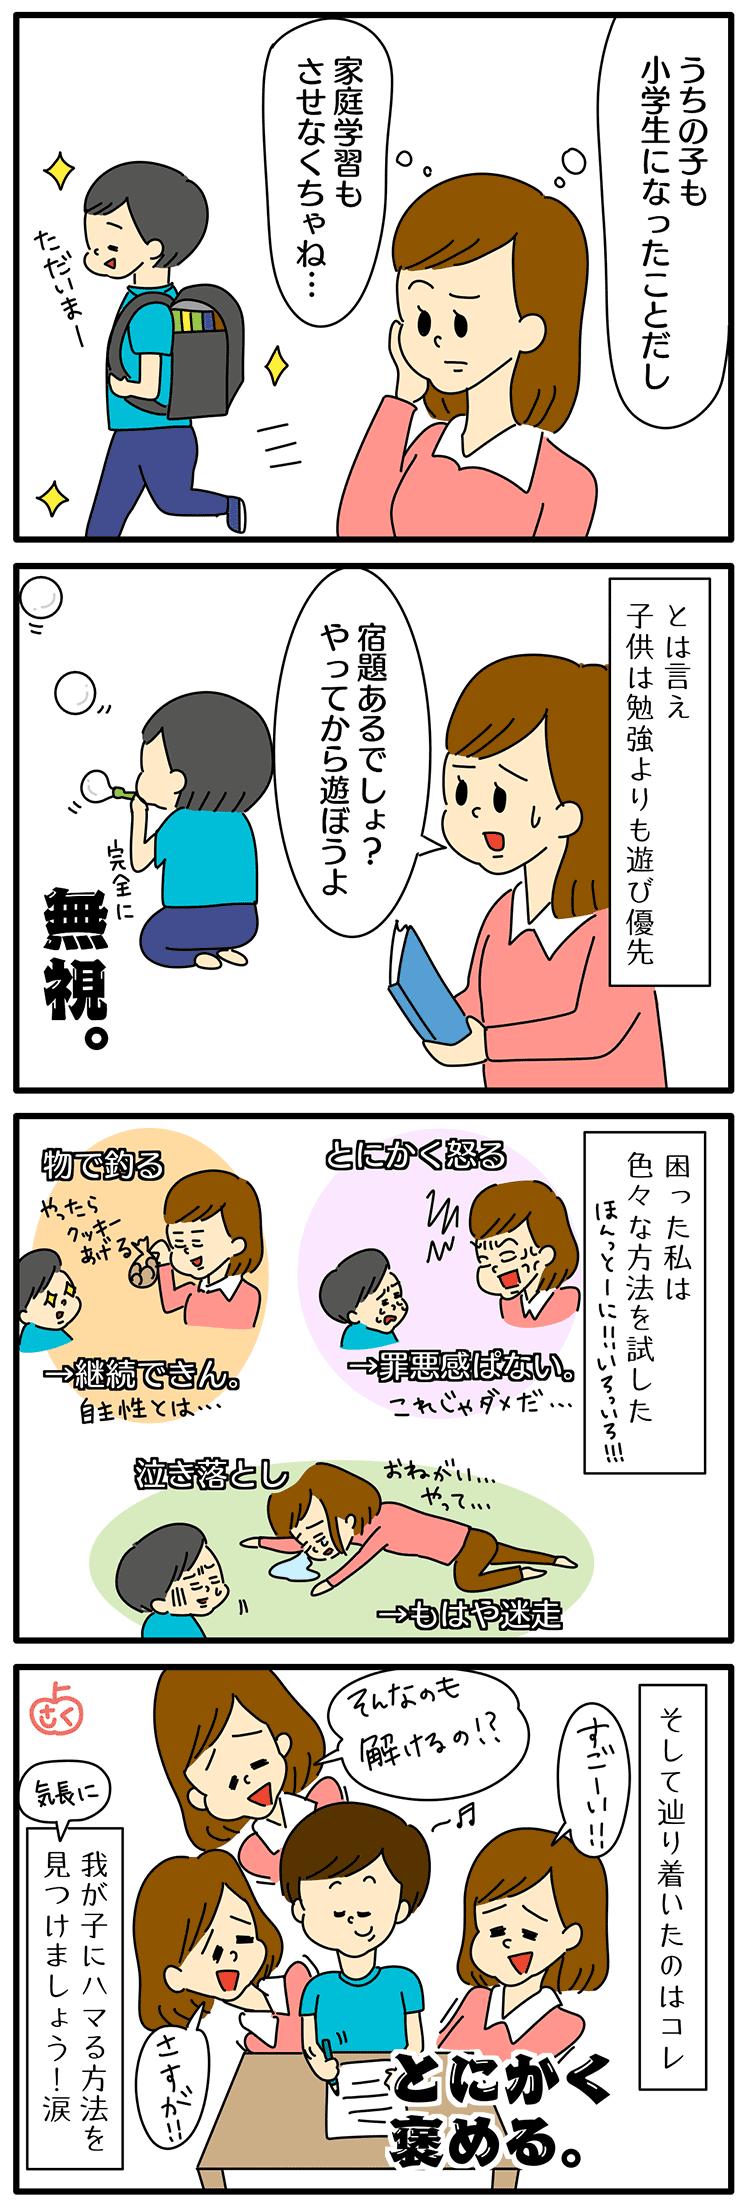 小学生の家庭学習の永岡さくら(saku)子育て4コマ漫画